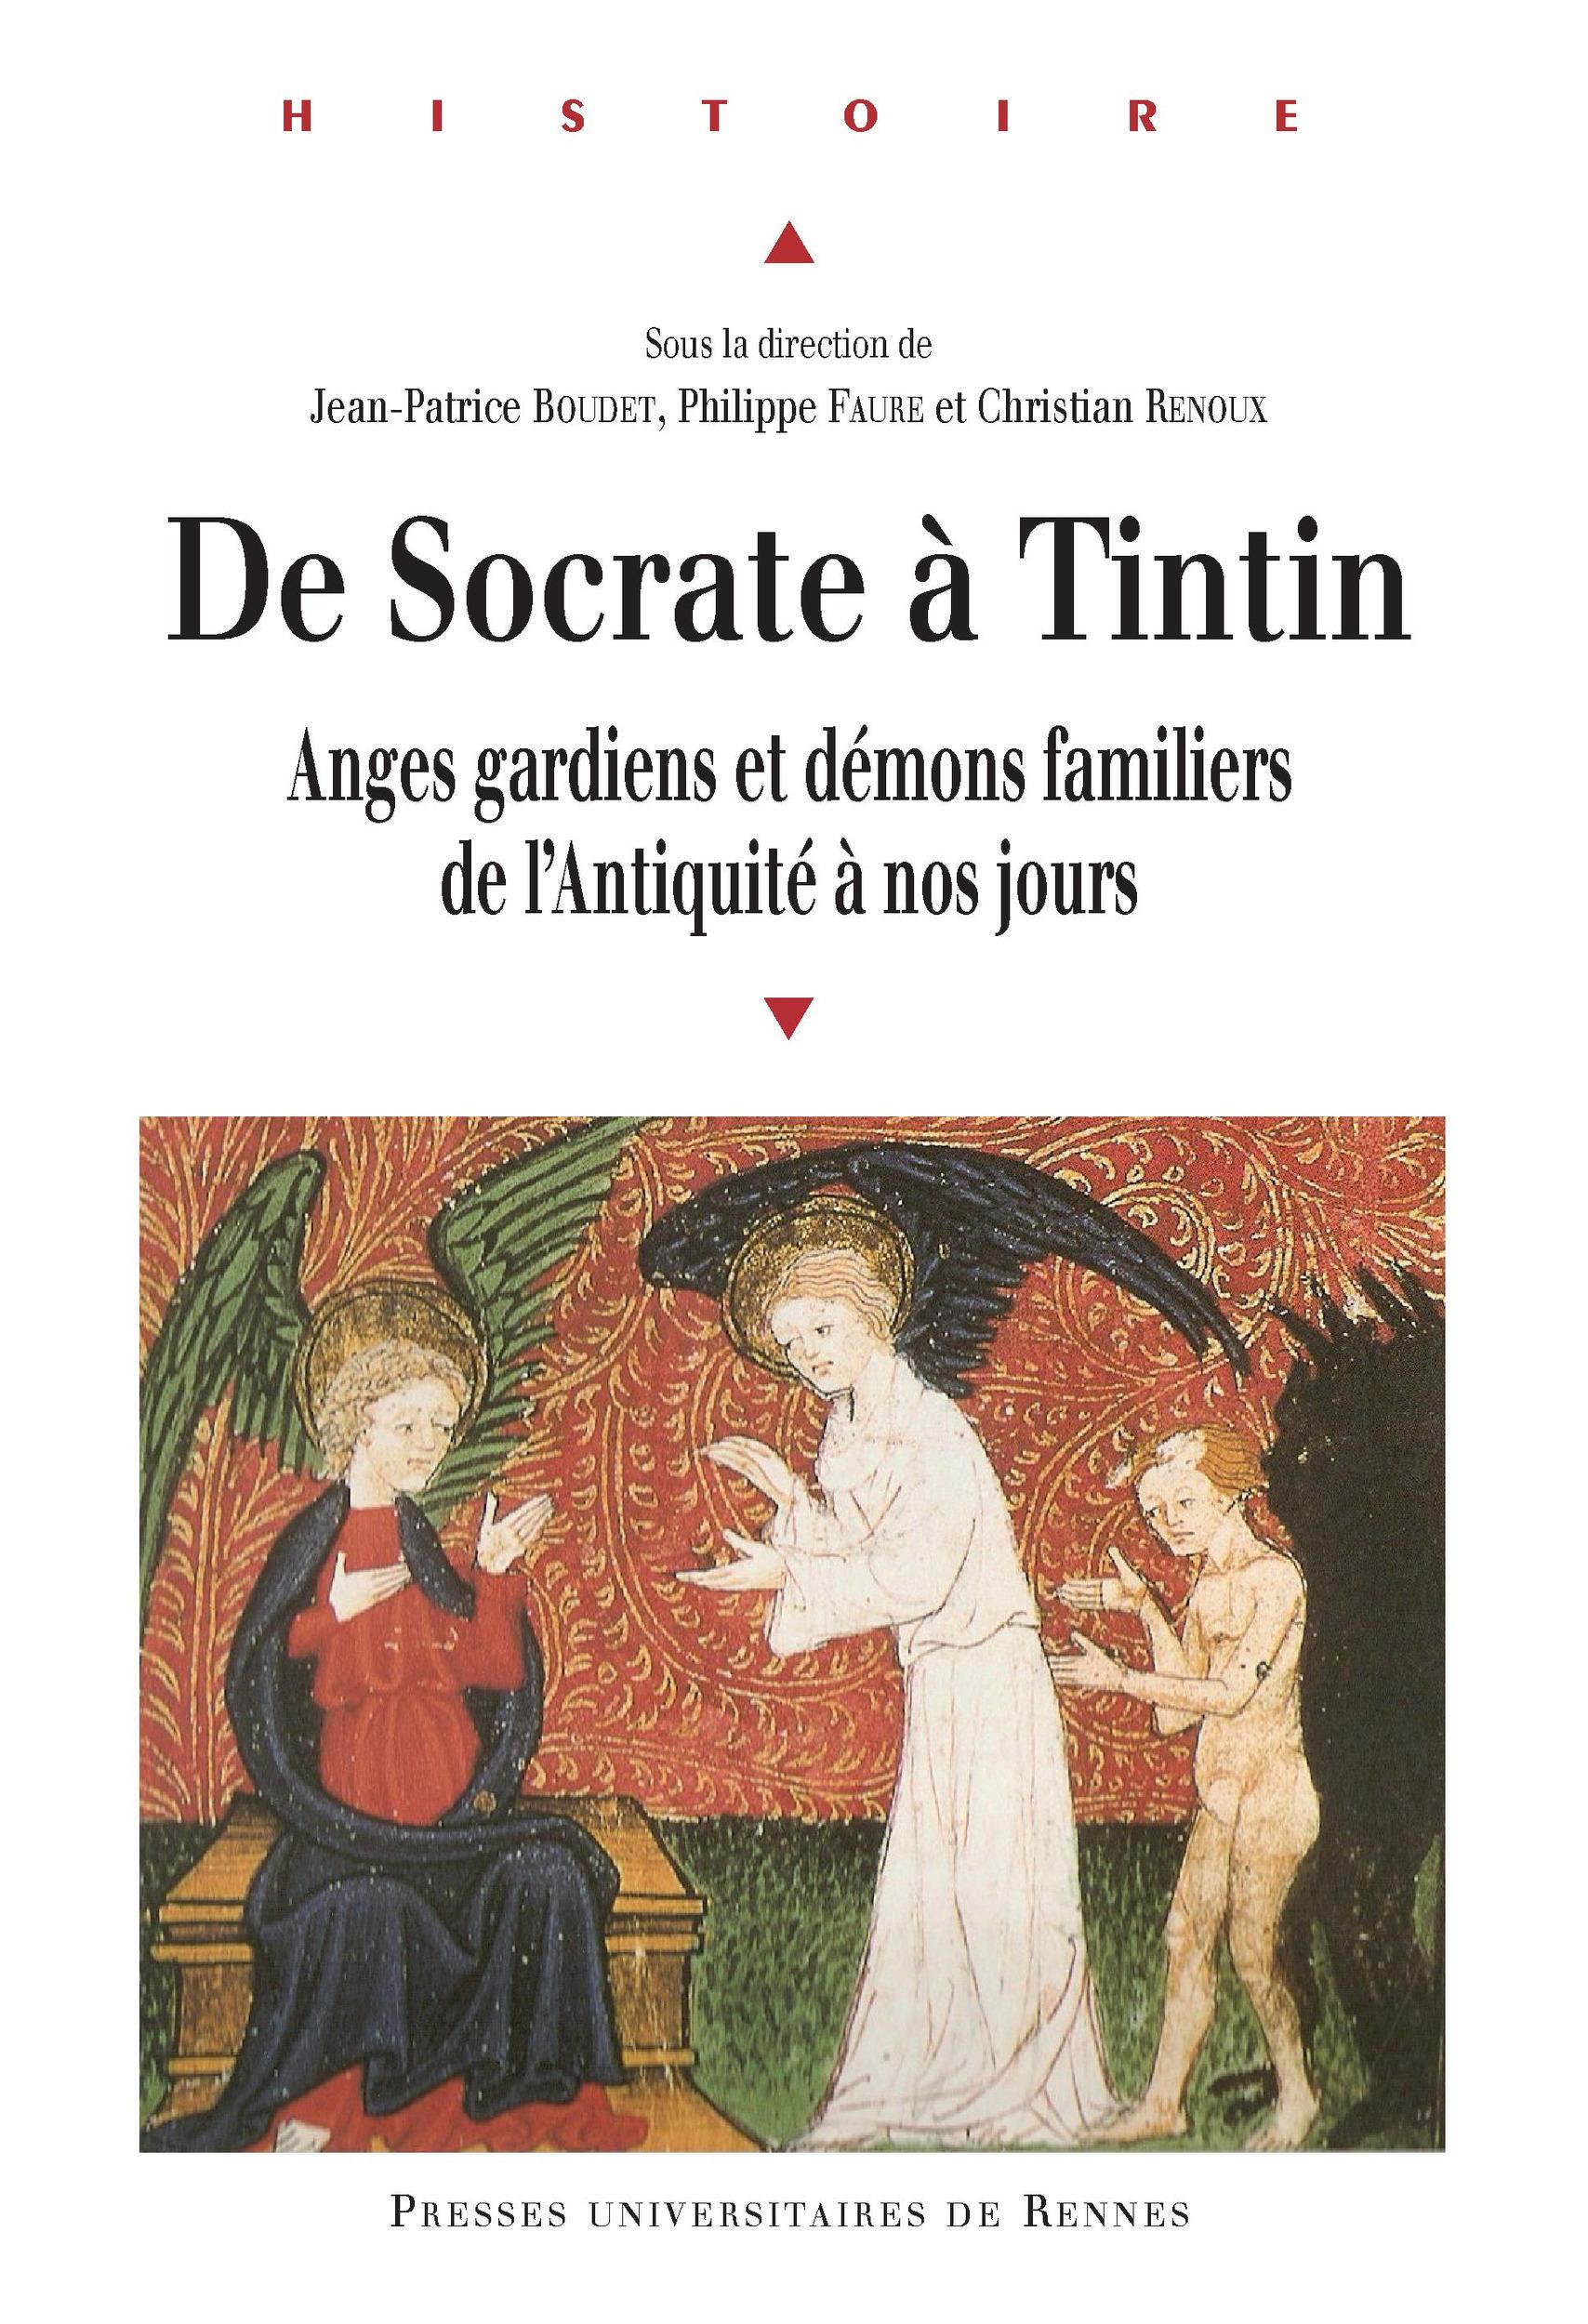 De Socrate à Tintin  - Christian Renoux  - Philippe Faure  - Jean-Patrice Boudet